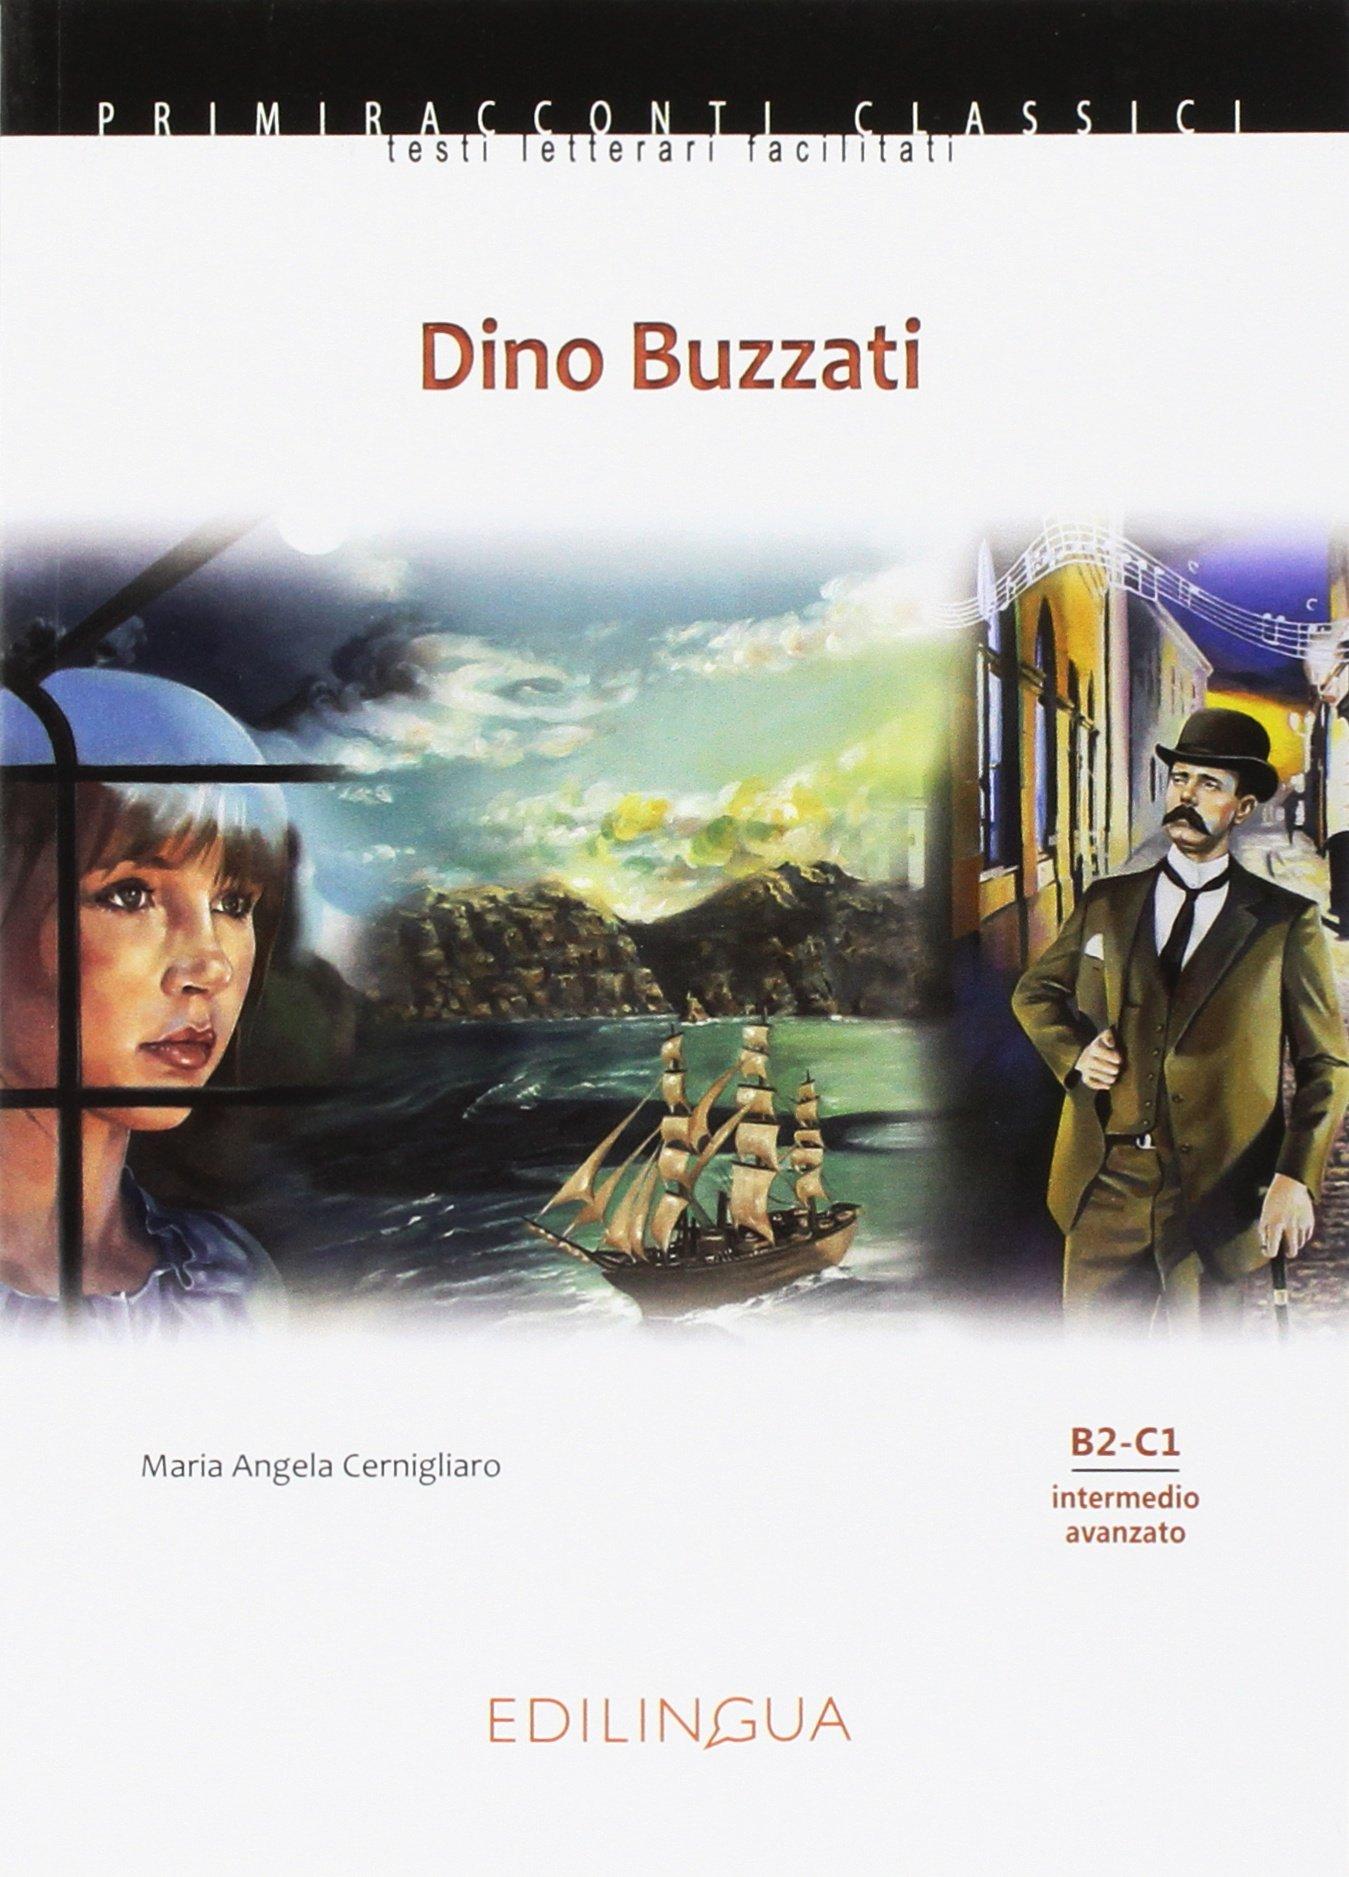 Dino Buzzati. Адаптирана книжка на италиански език за ниво B2-C1